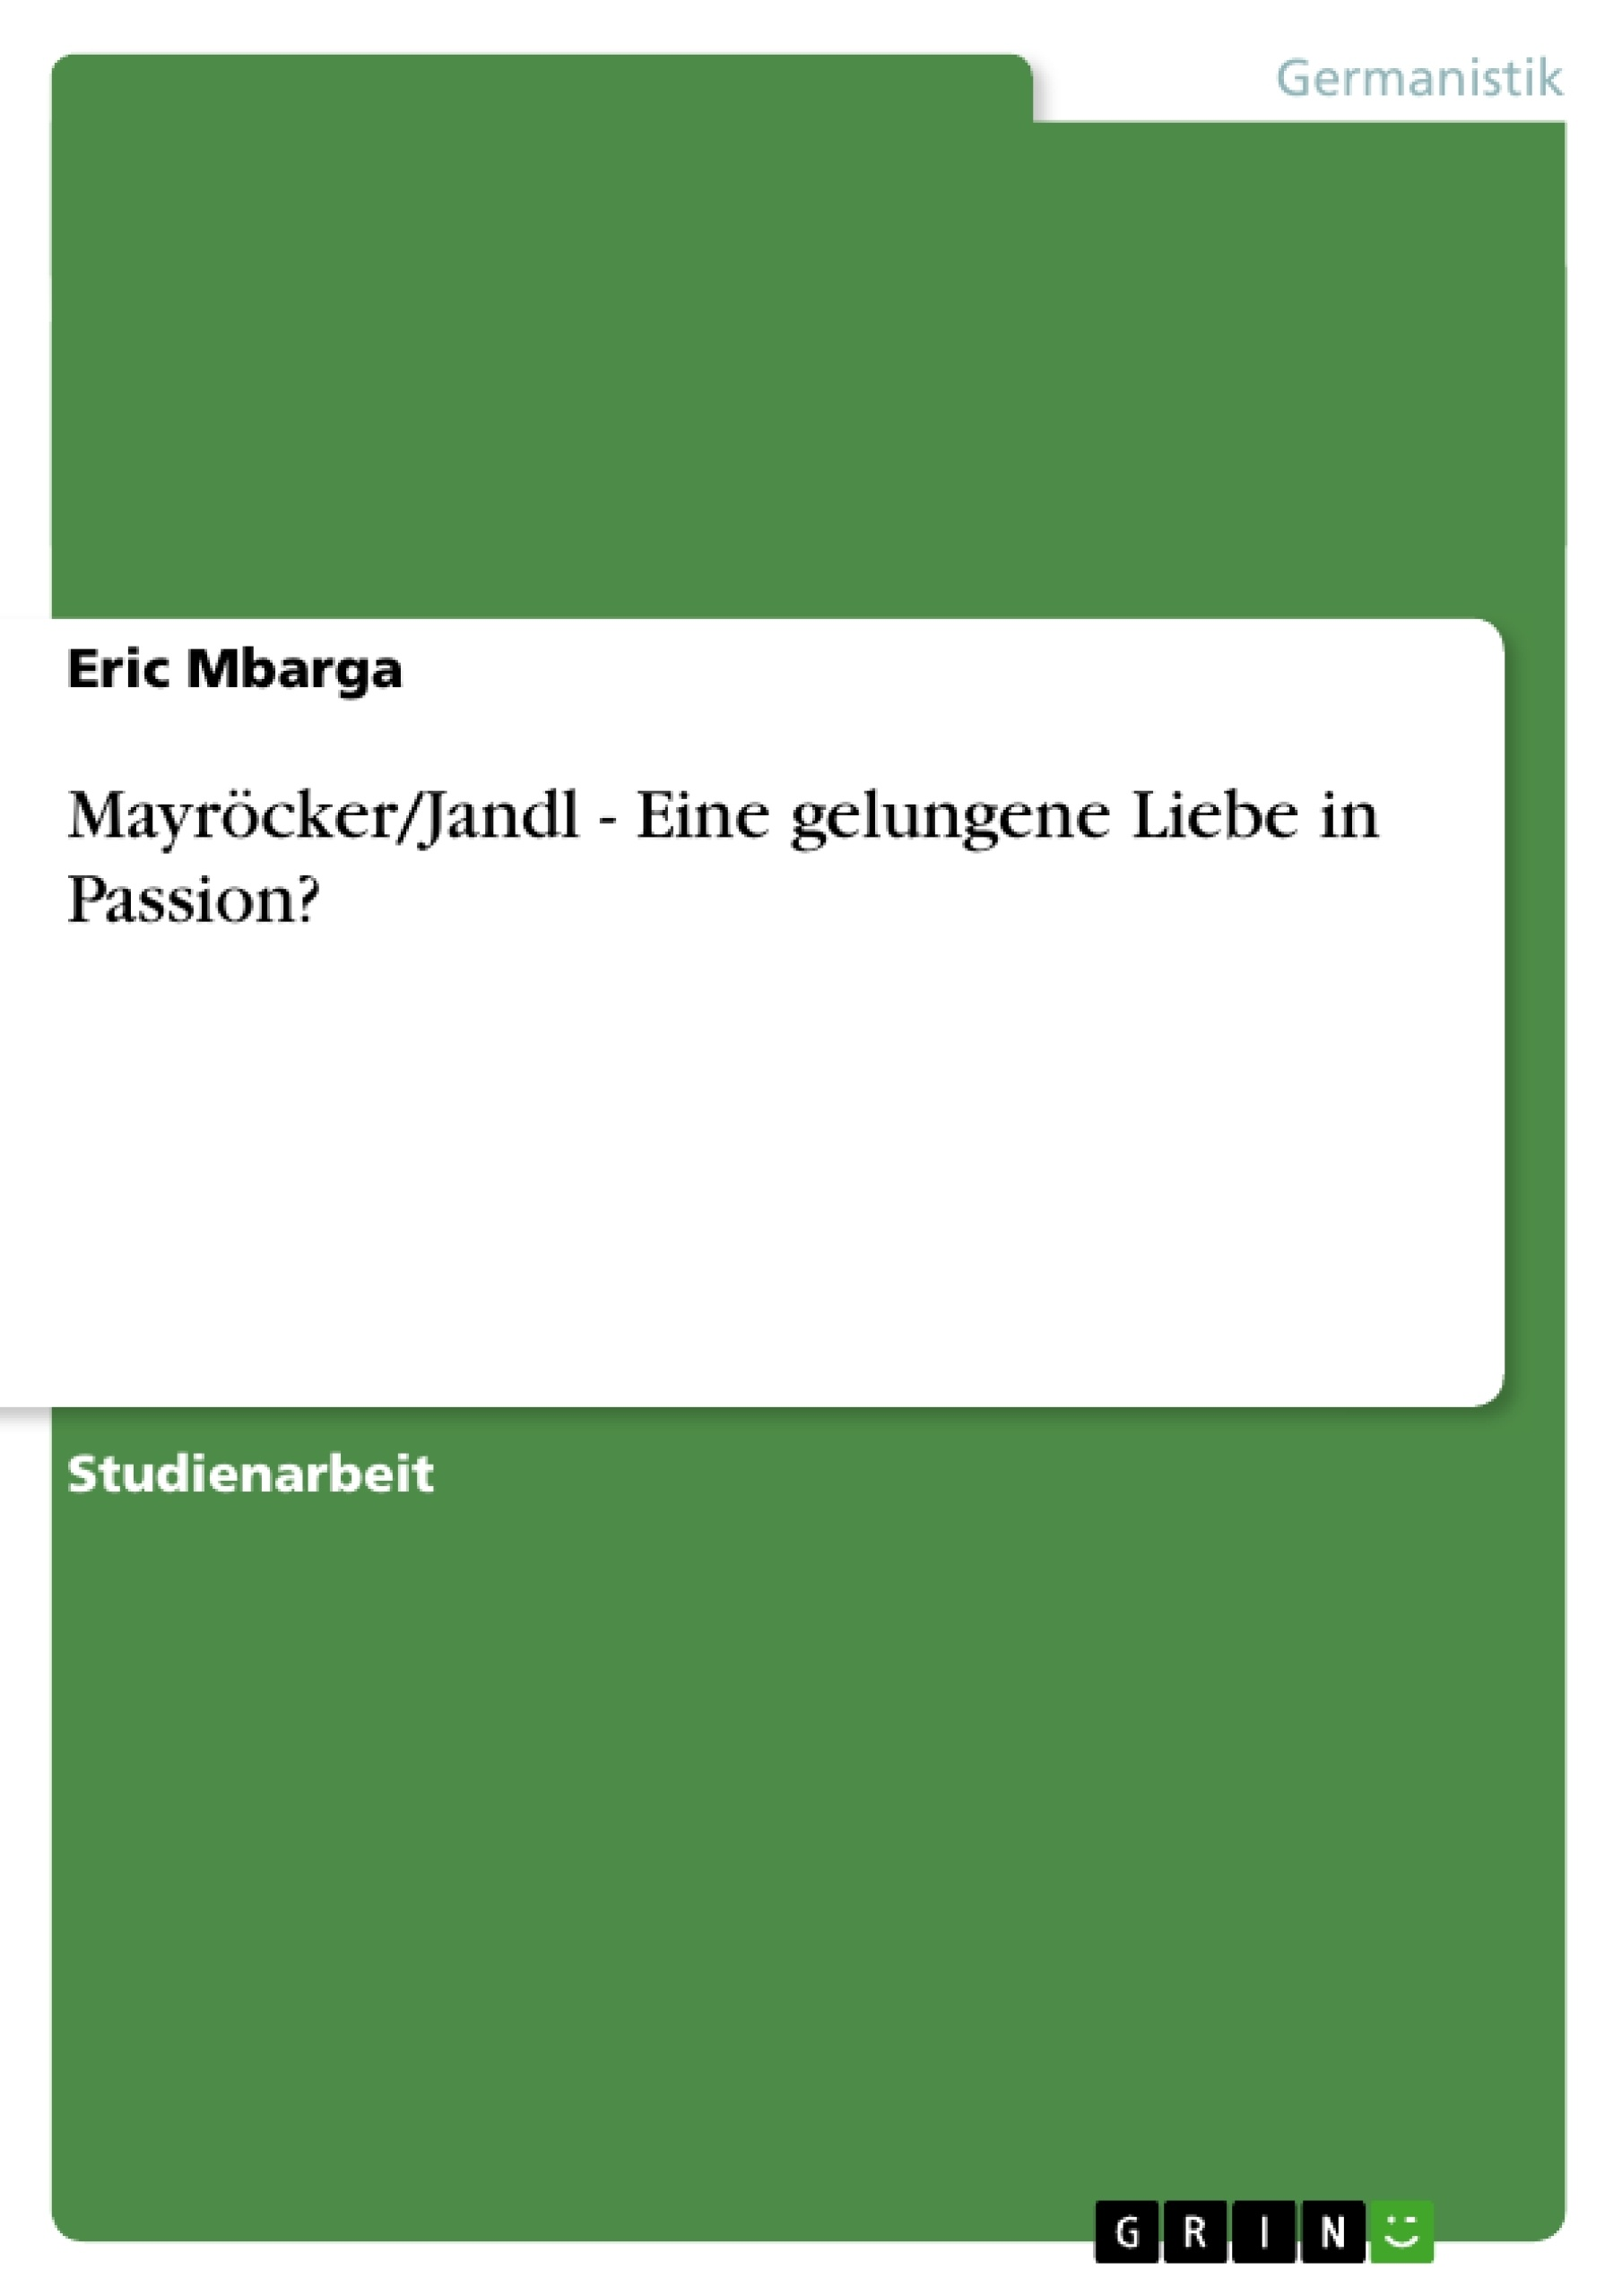 Titel: Mayröcker/Jandl - Eine gelungene Liebe in Passion?